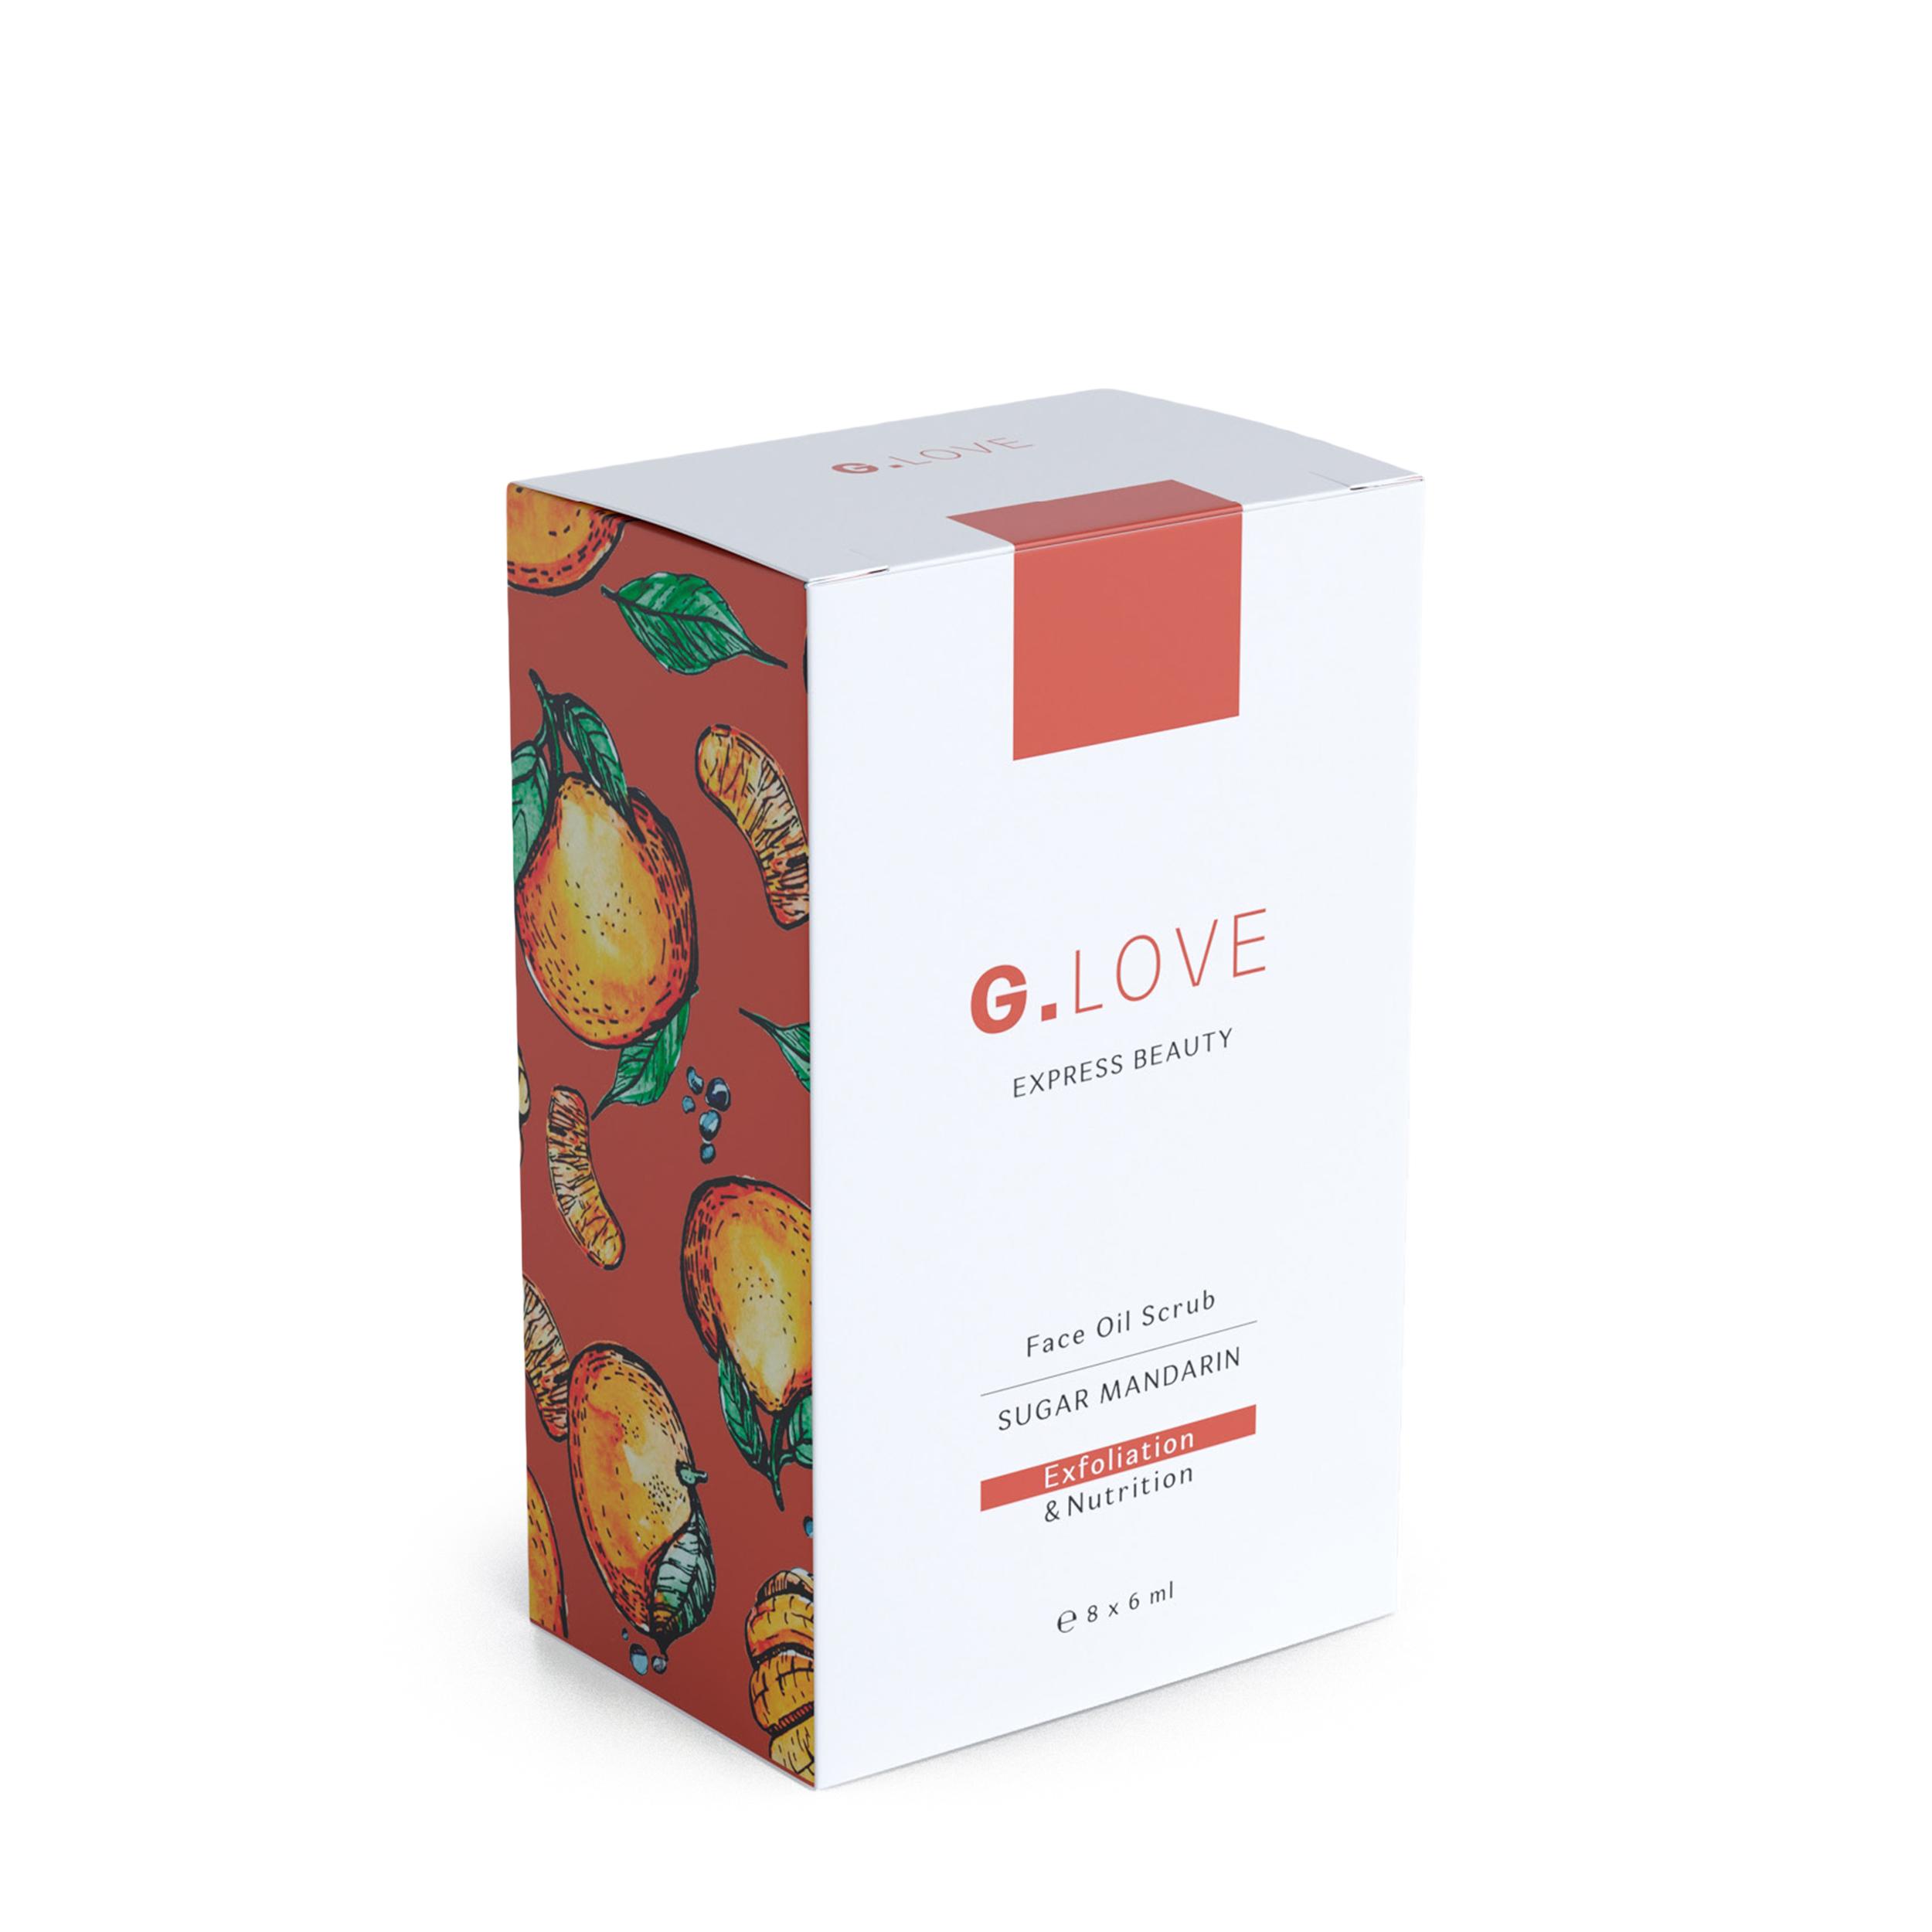 G.LOVE Масляный скраб для лица Sugar Mandarin 8x6 мл фото